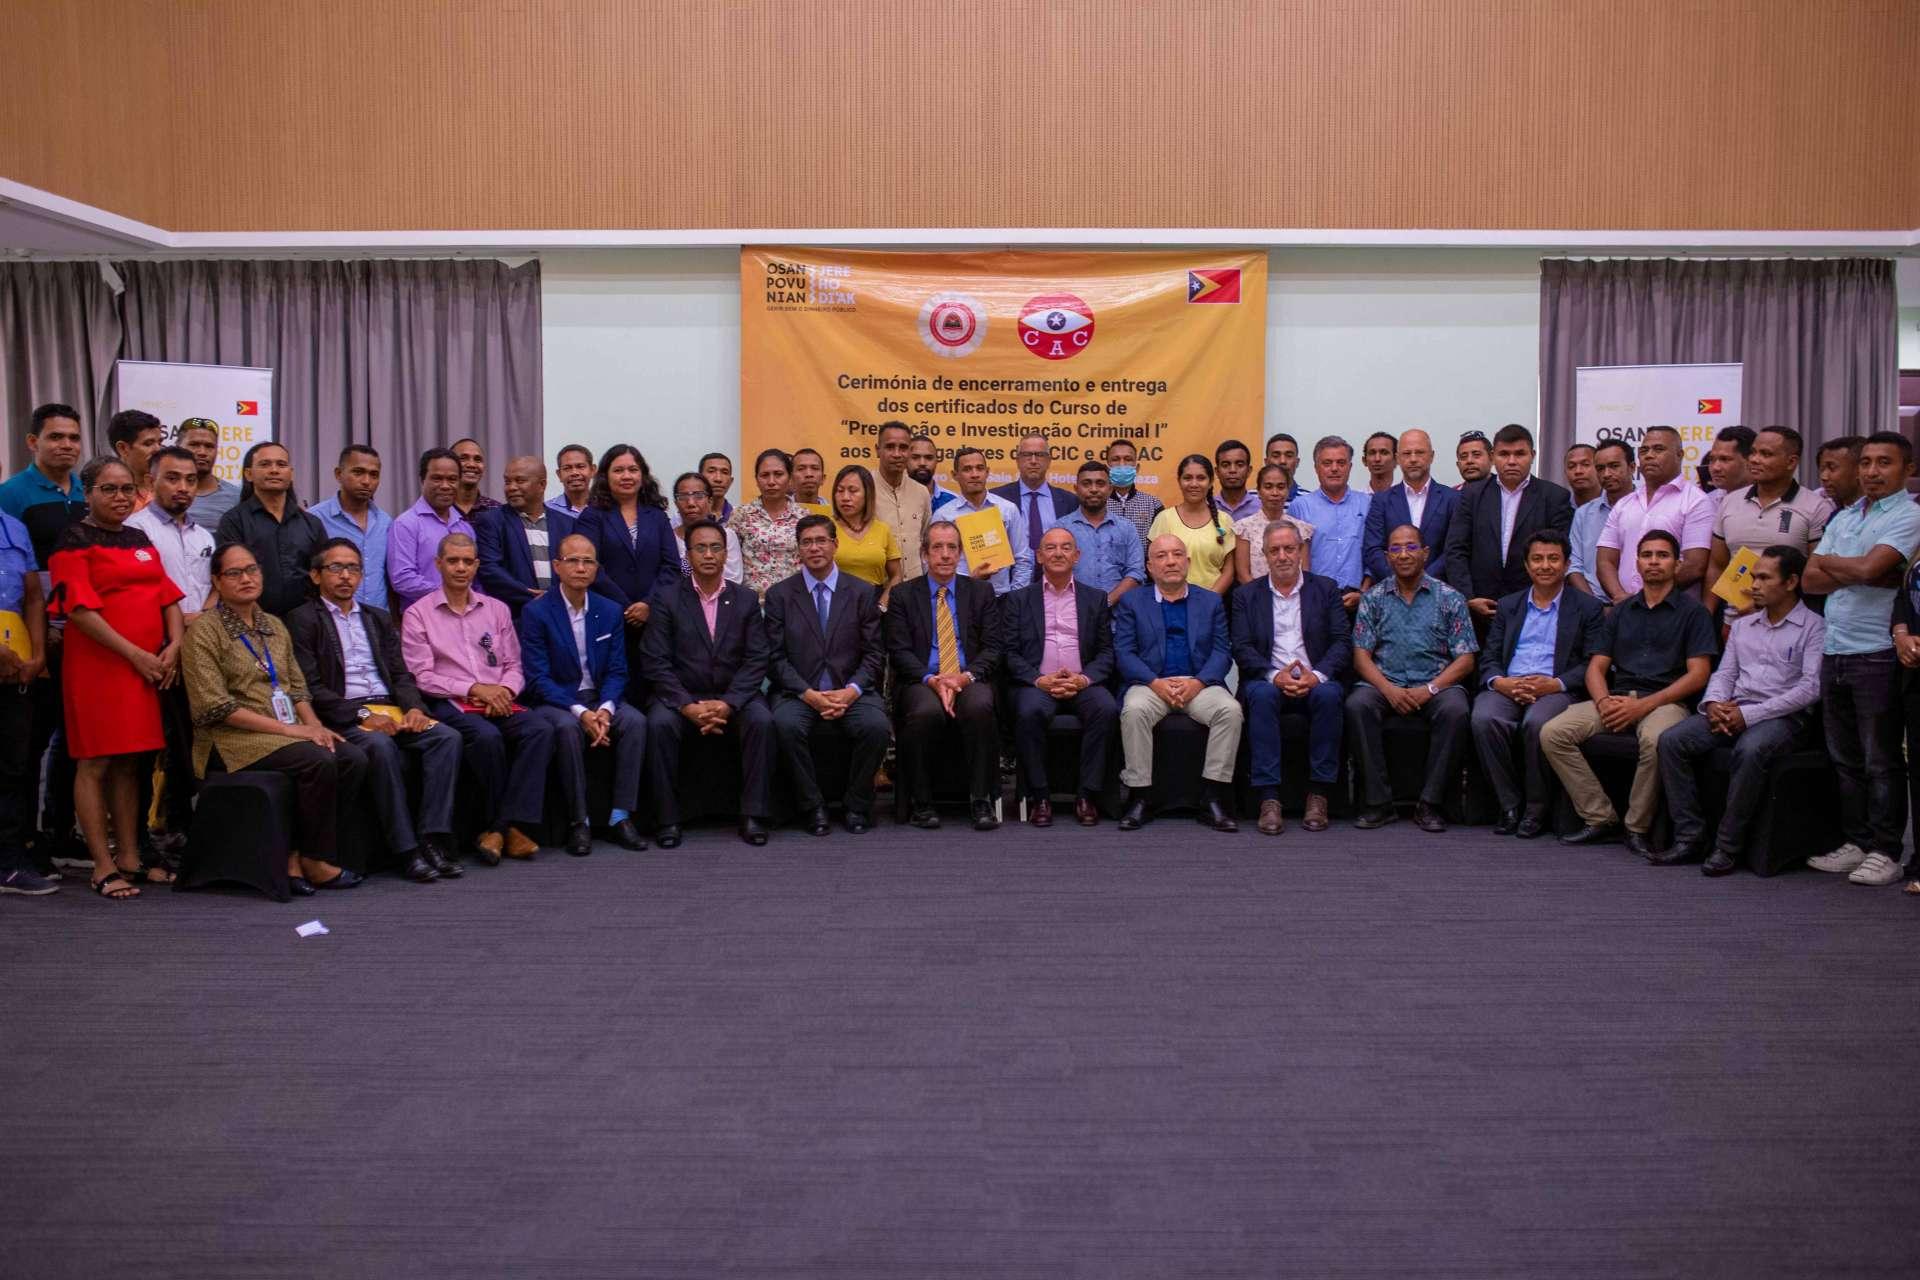 O PFMO OSAN POVU NIAN, JERE HO DI'AK realiza a cerimónia de encerramento e entrega de certificados aos formandos da PCIC e da CAC